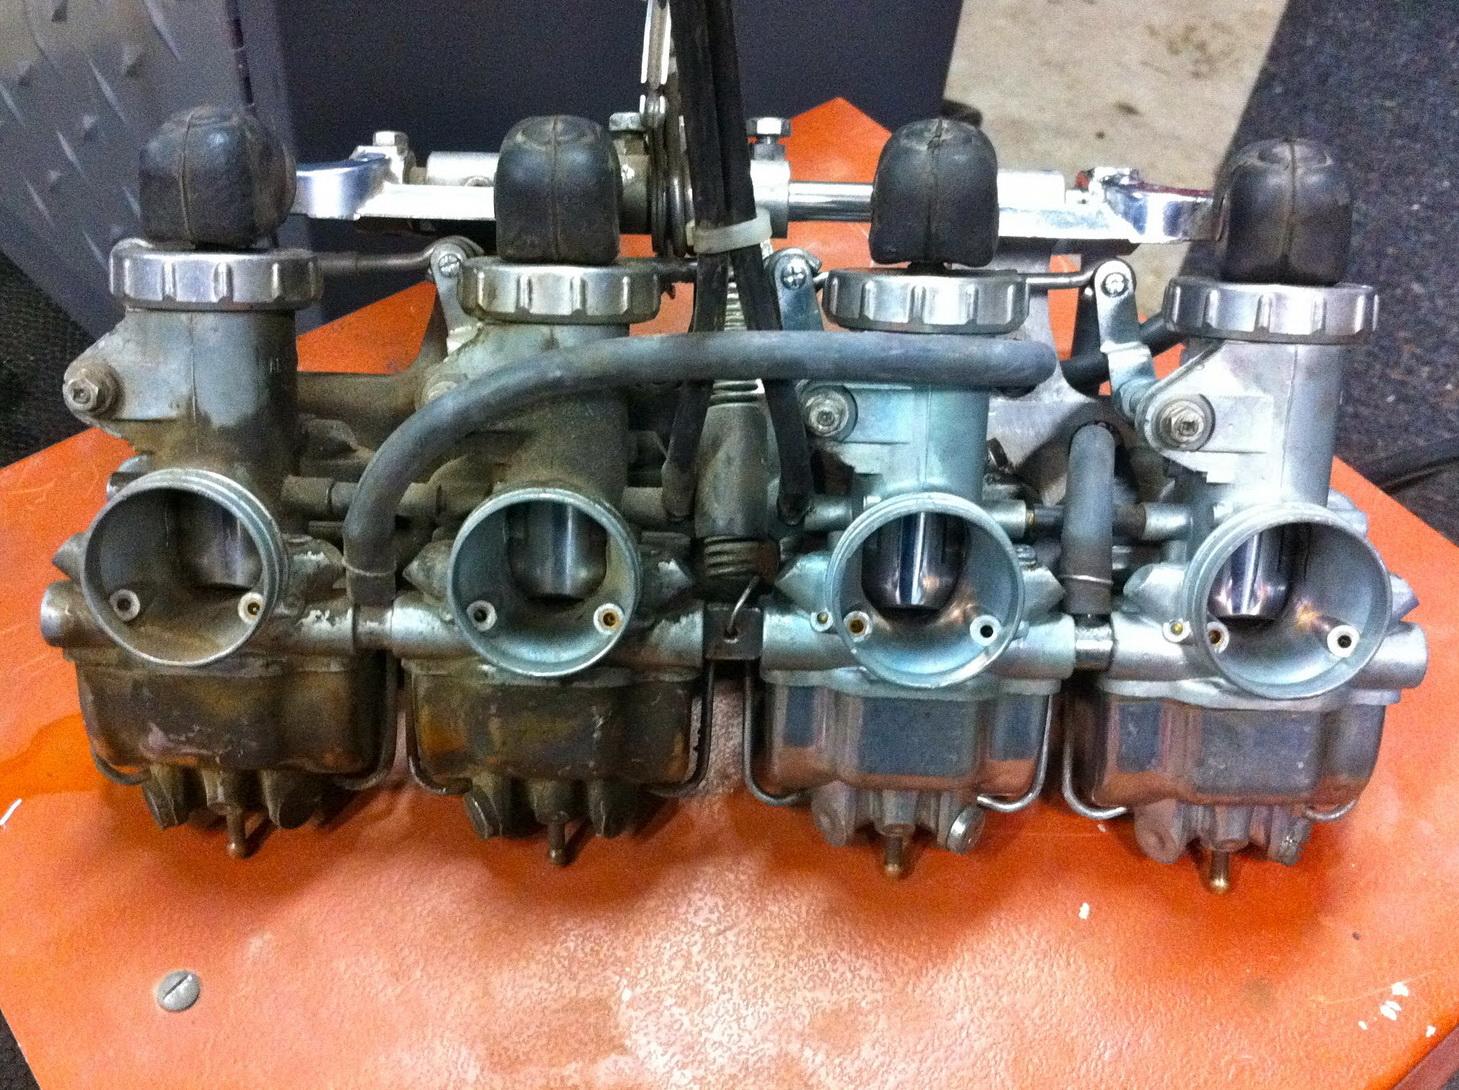 Nettoyeur ultrason pour carburateur: Avis et comparatif des 6 meilleurs bacs à ultrasons